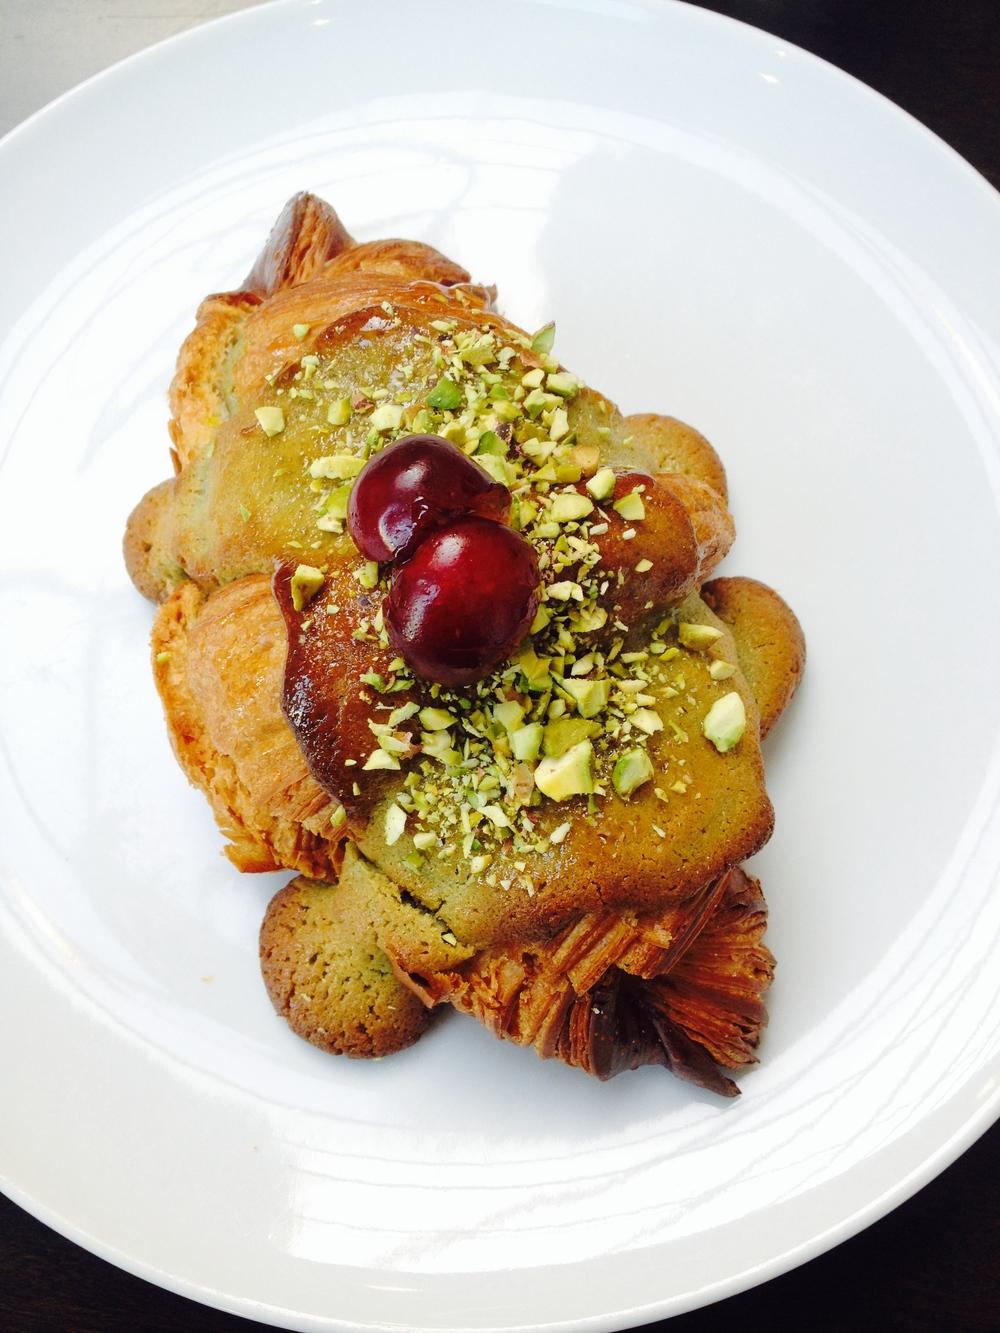 Twice-baked pistachio croissant